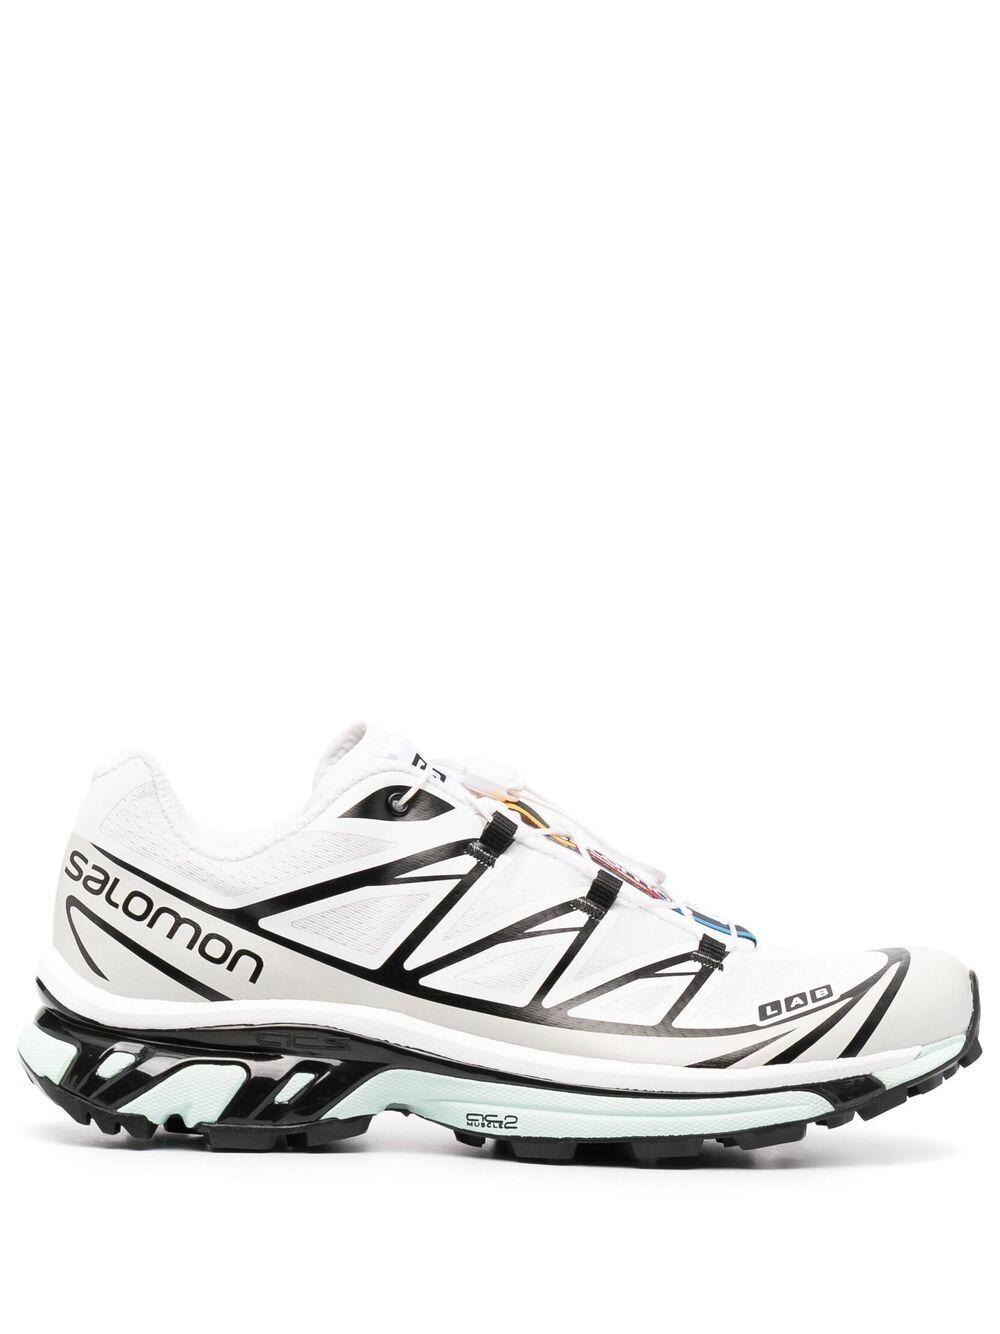 Salomon S/Lab xt-6 sneakers man white SALOMON S/LAB | Sneakers | L41317300